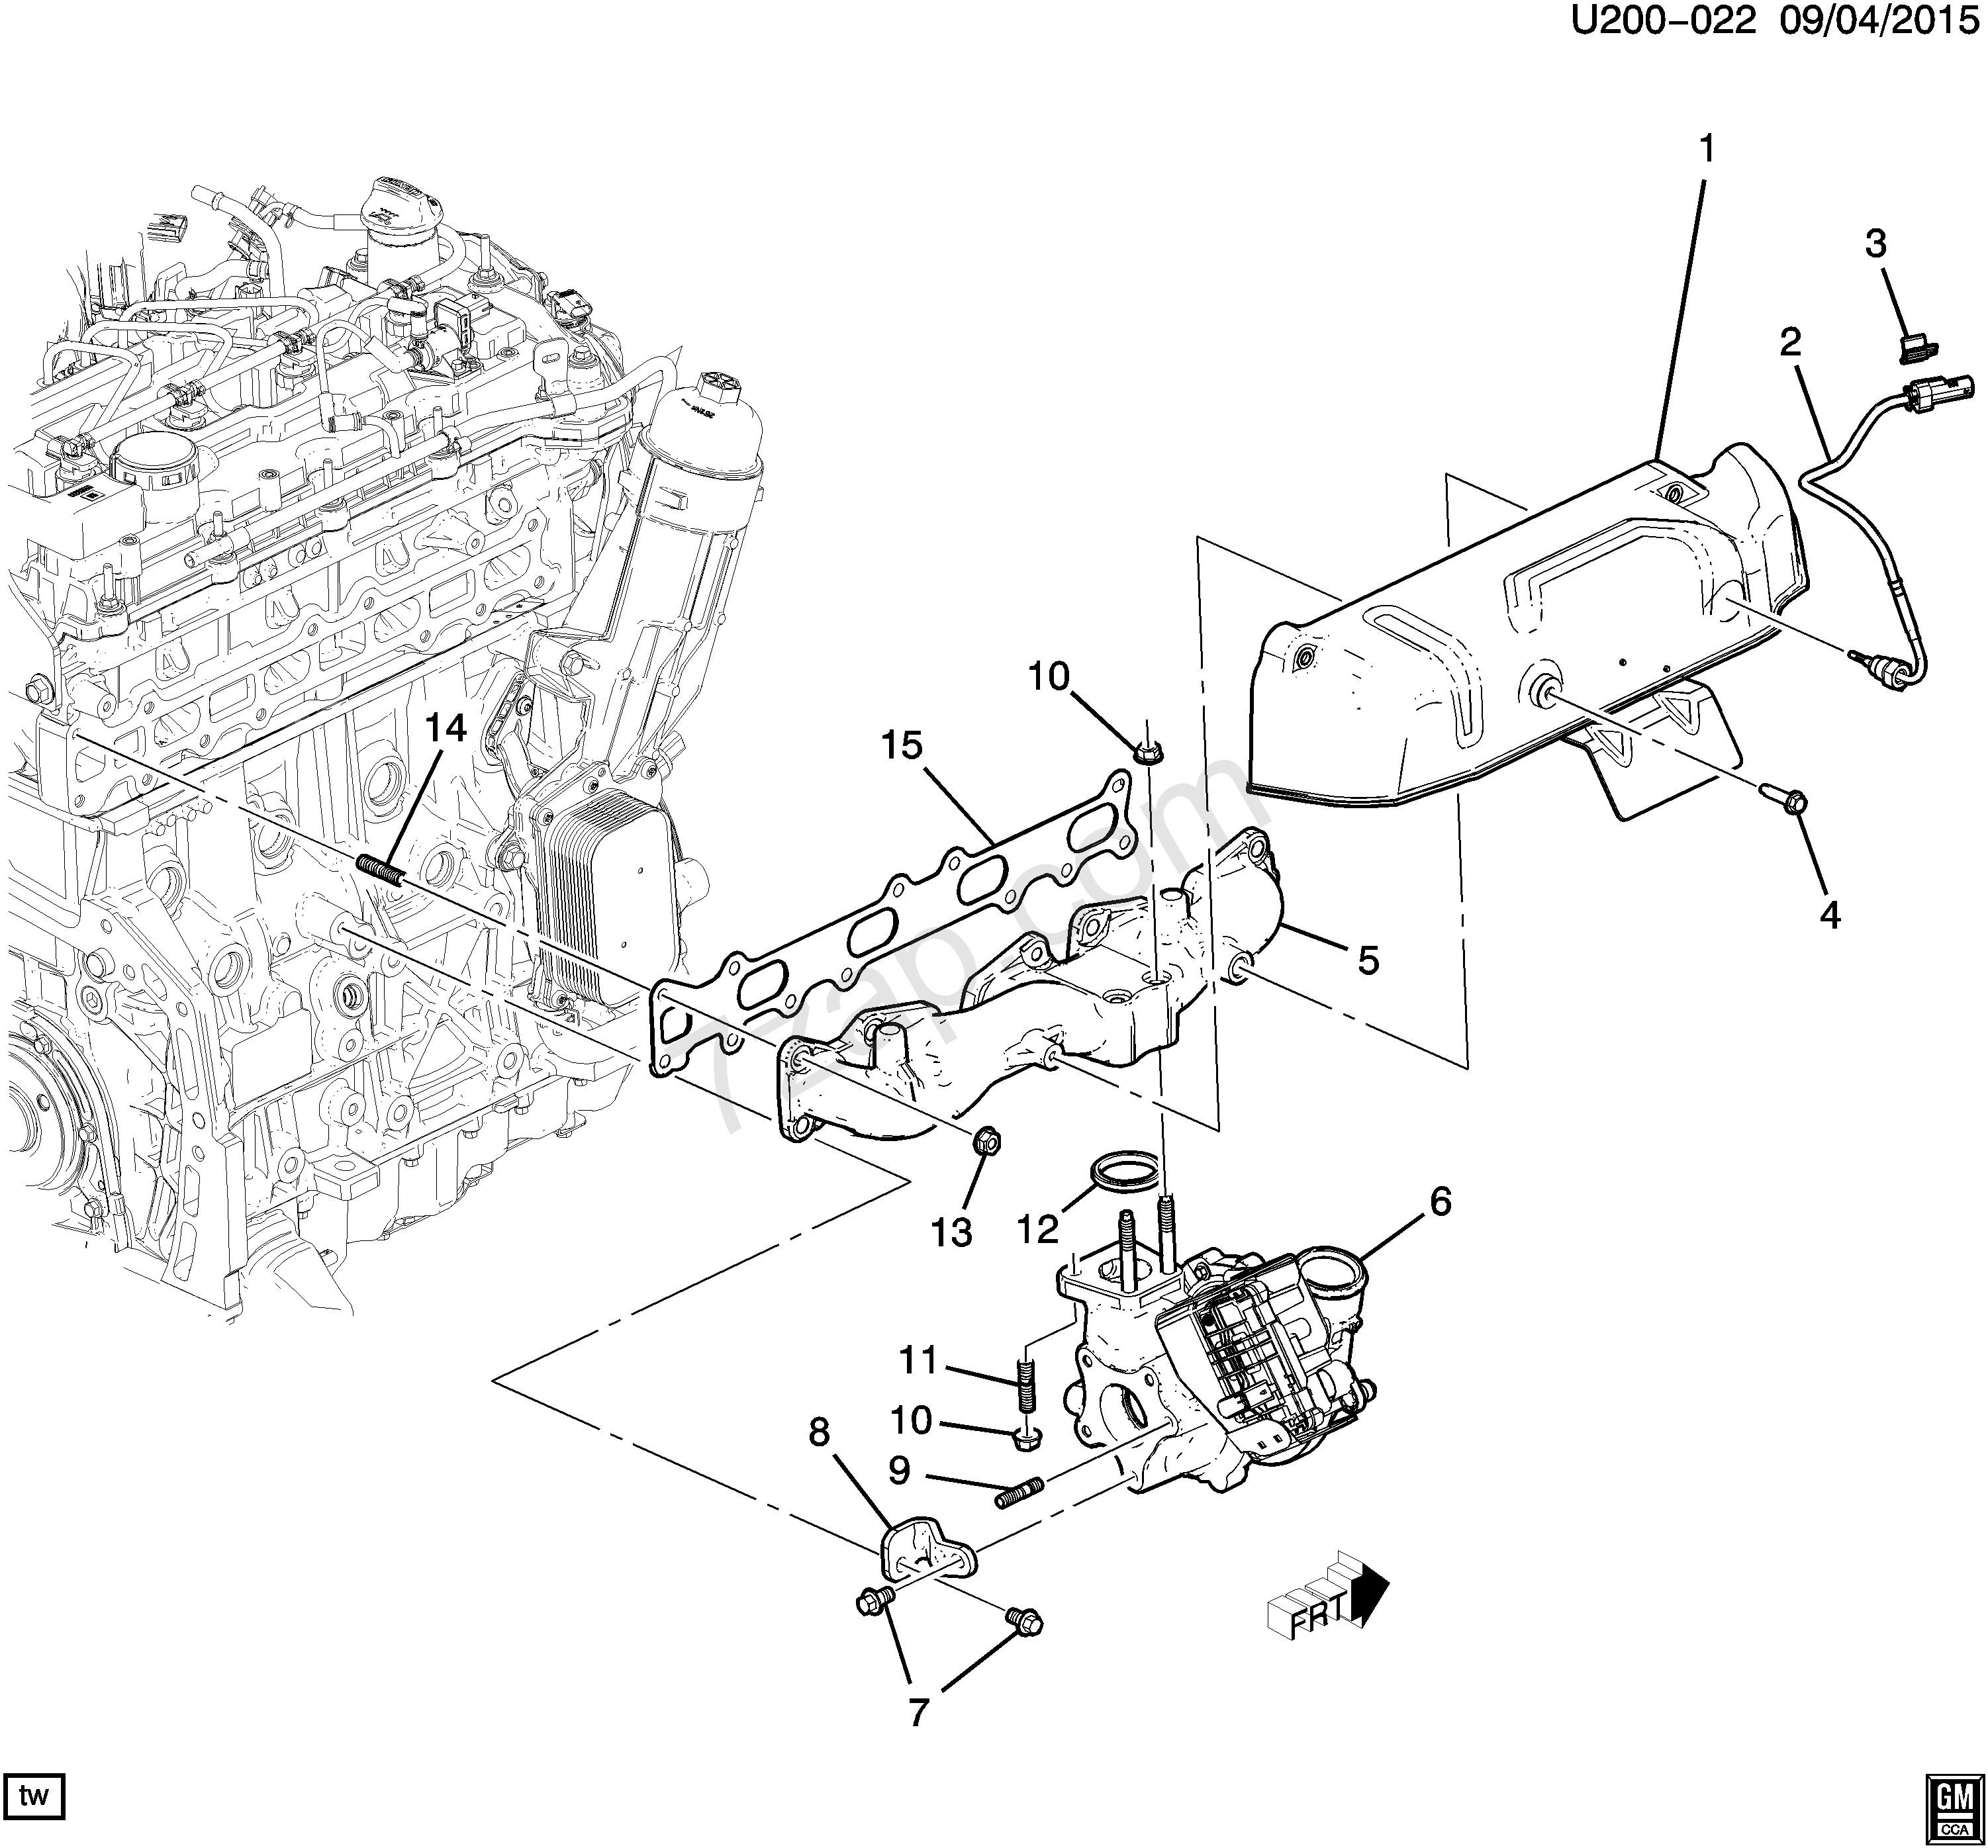 2004 chevy colorado engine diagram intake manifold wtf